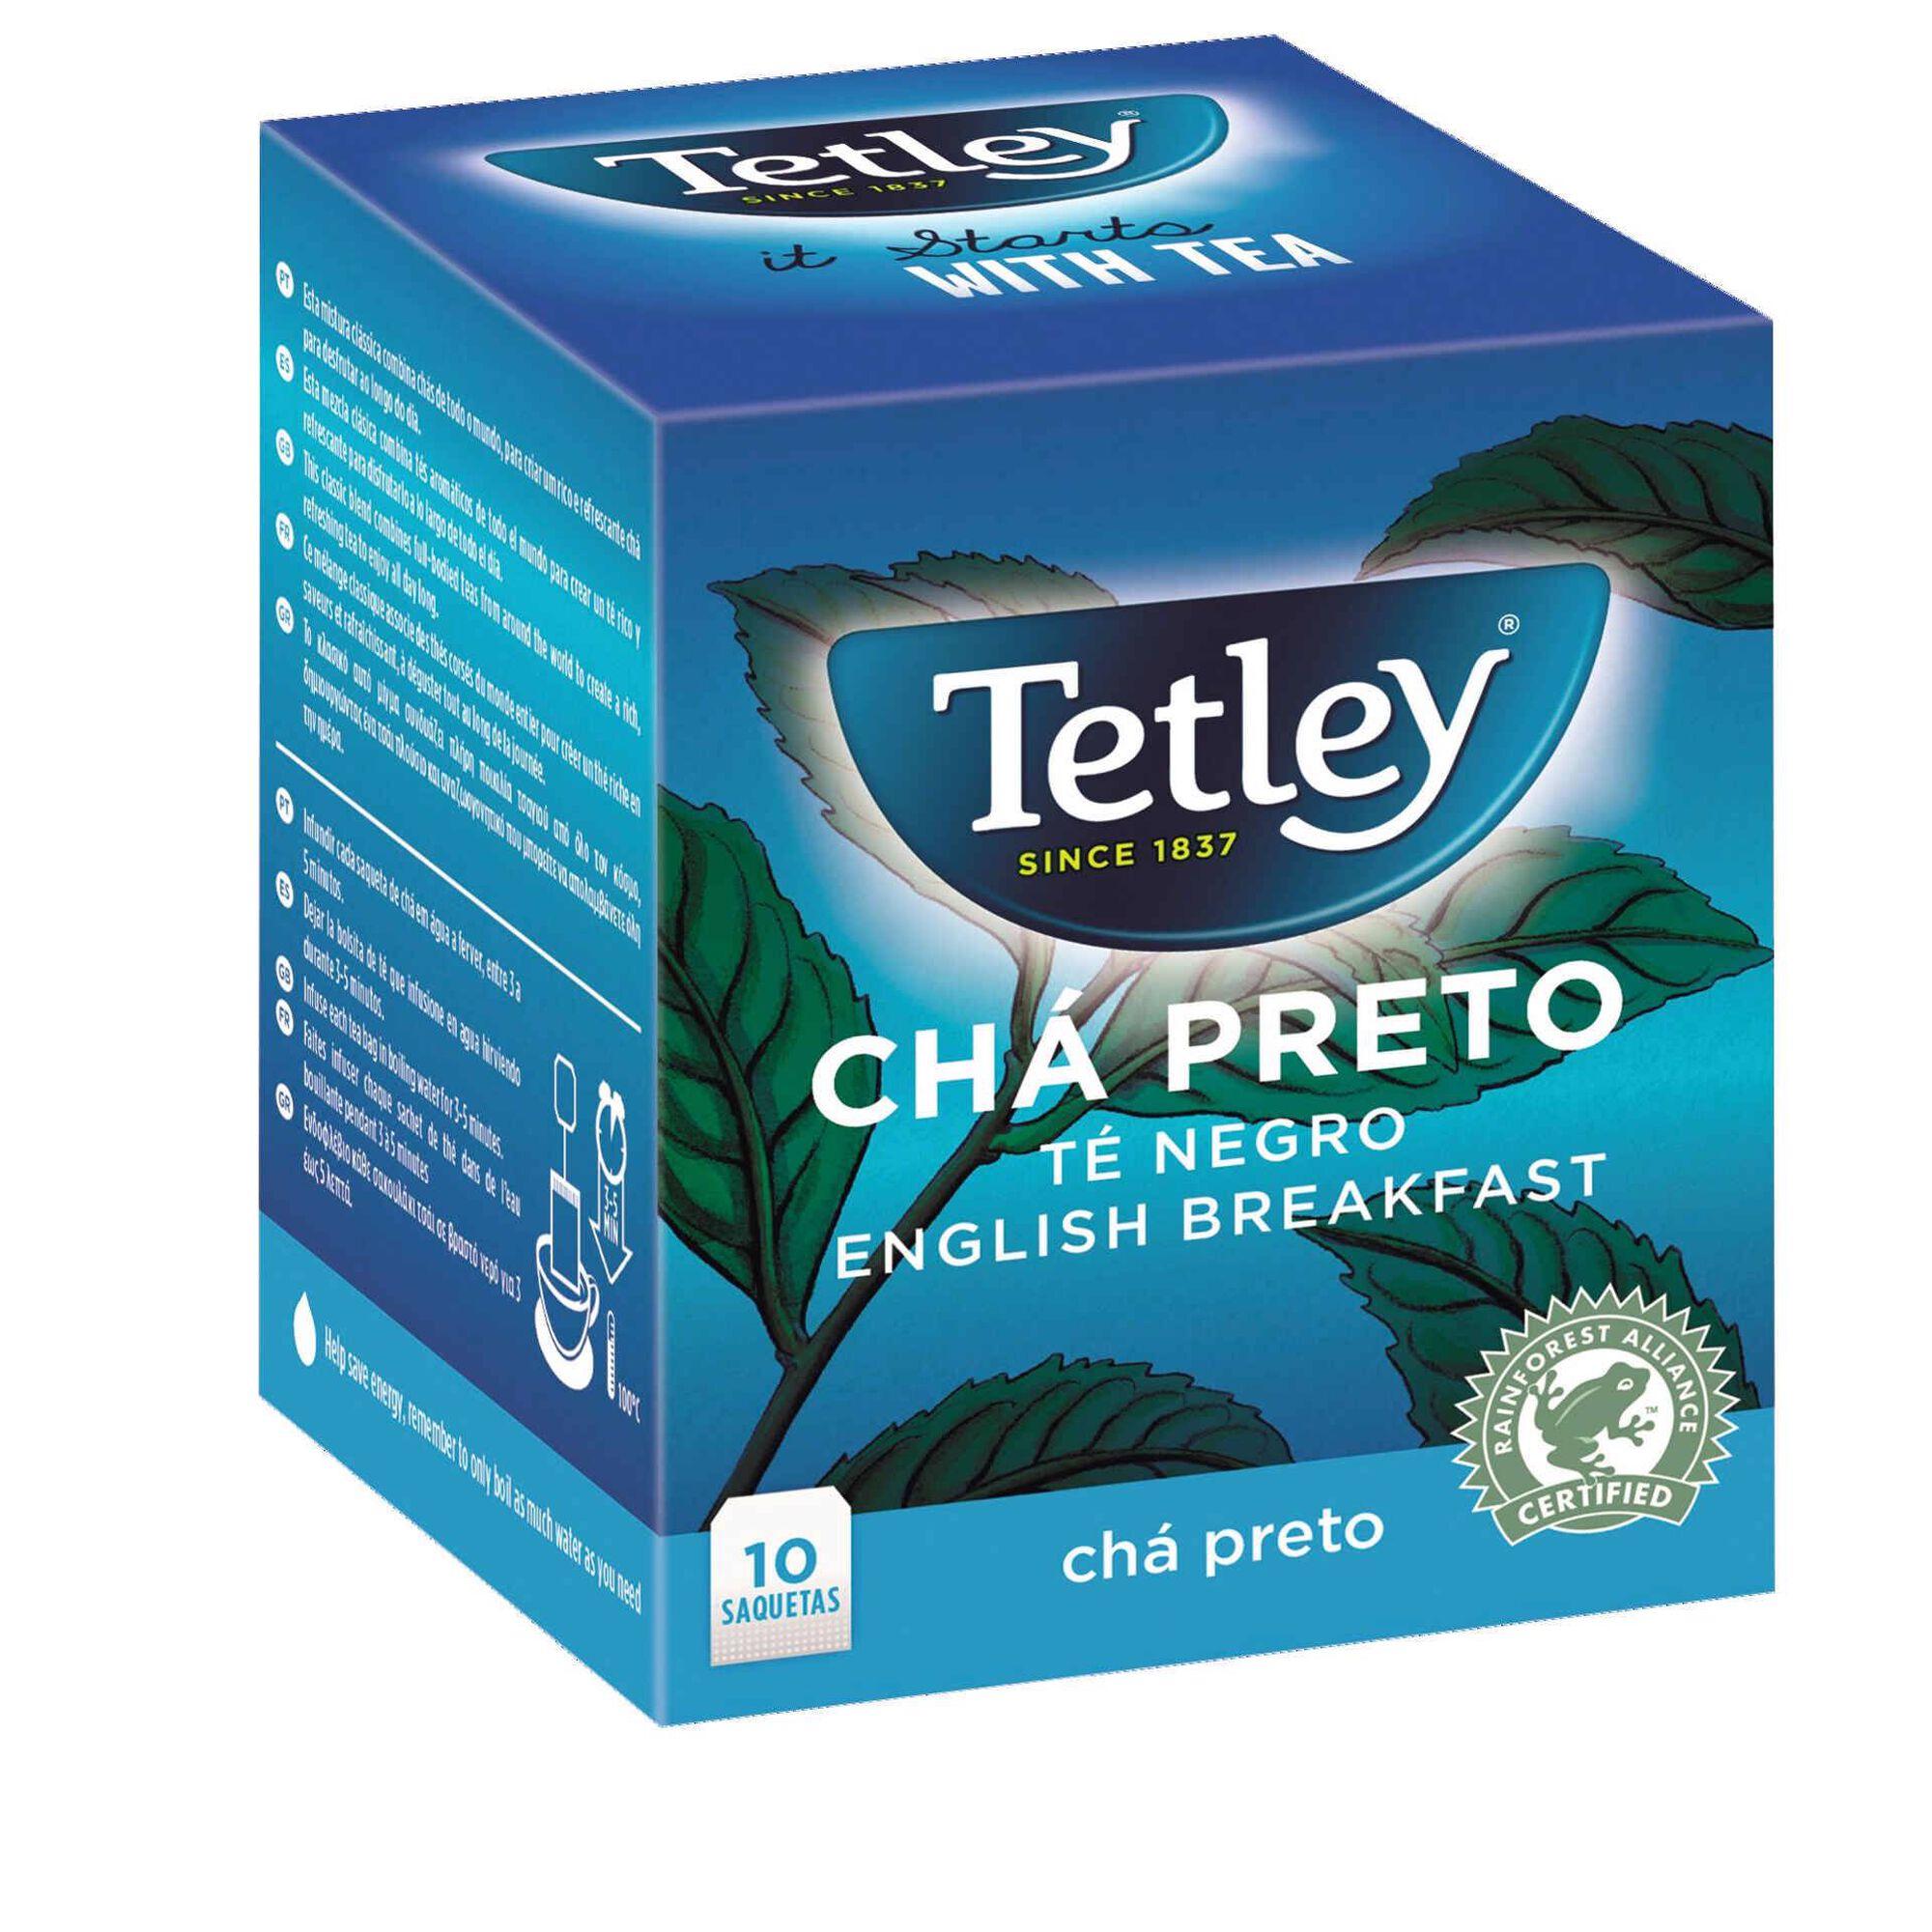 Chá Preto Saquetas